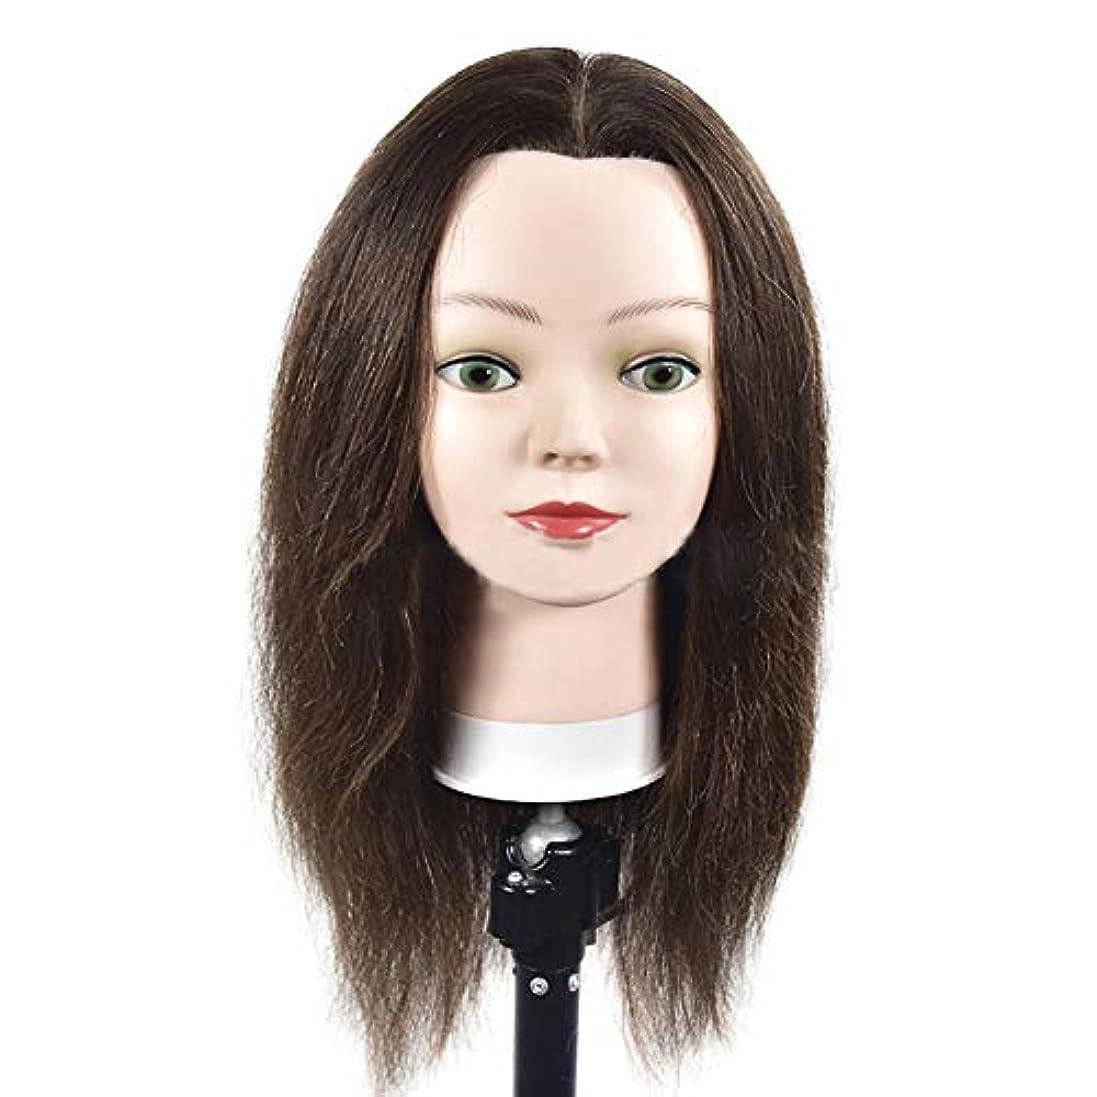 サロン髪編組理髪指導ヘッドスタイリング散髪ダミーヘッド化粧学習マネキンヘッド